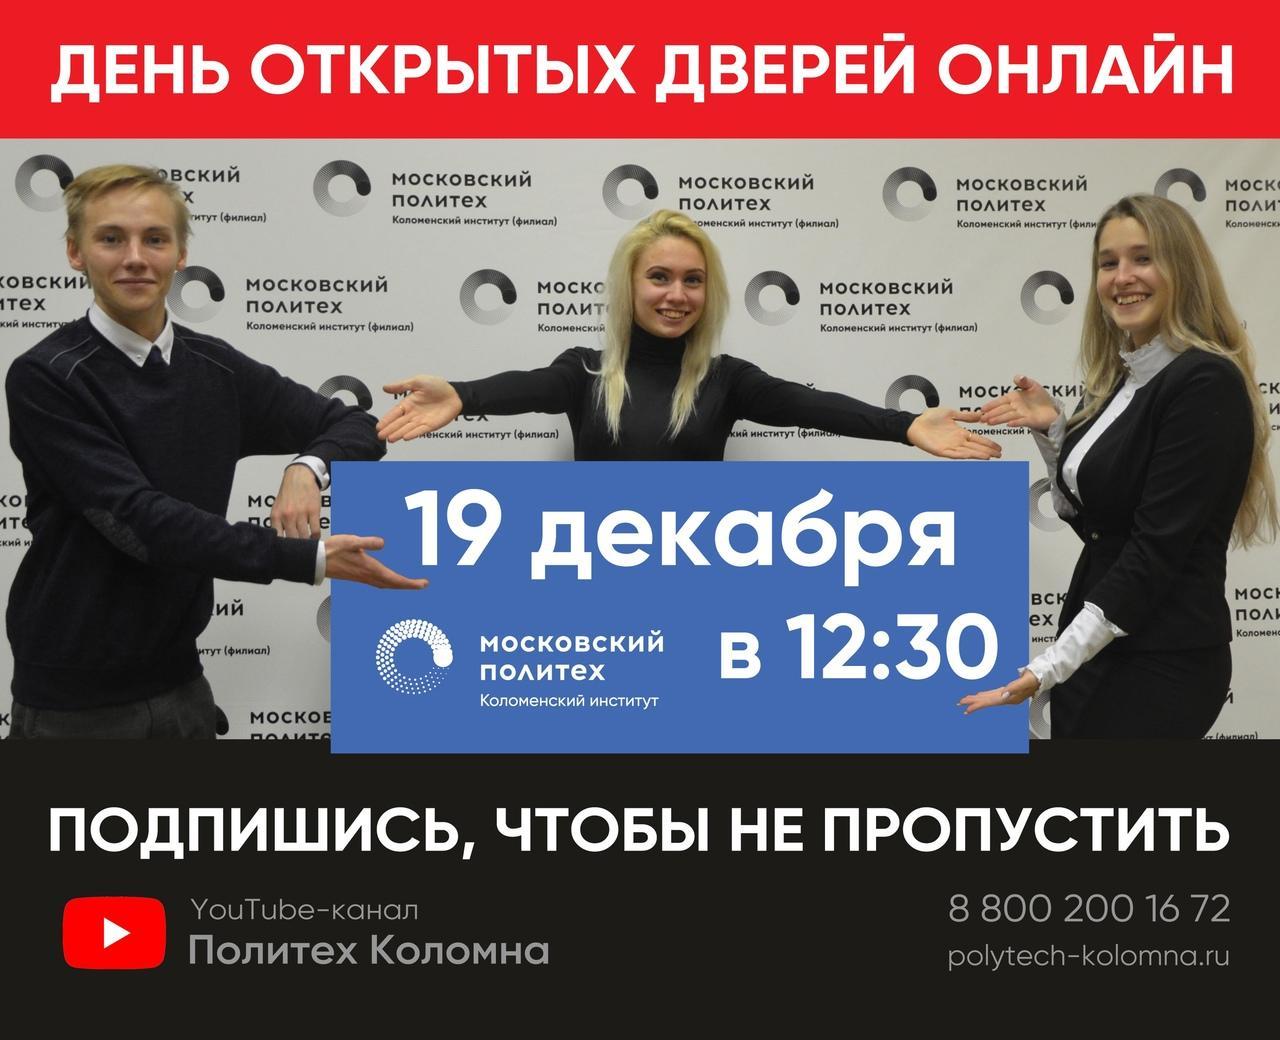 Коломенский политех приглашает на День открытых дверей